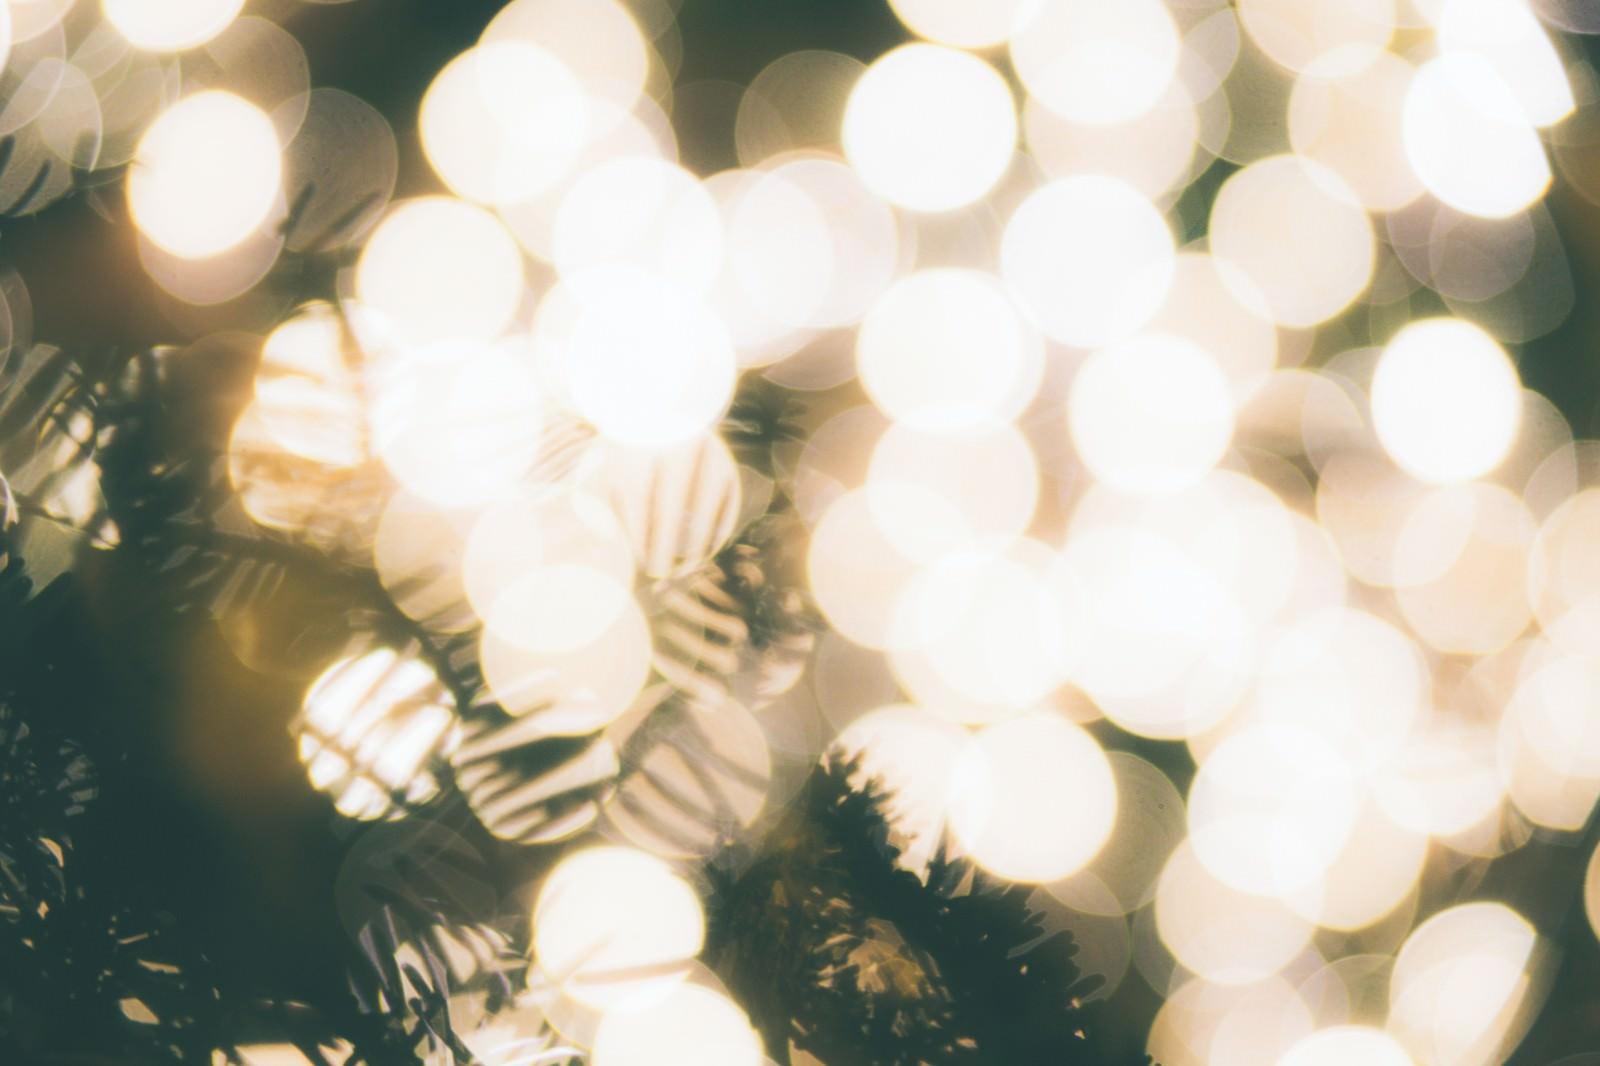 「光で溢れるクリスマスツリー | 写真の無料素材・フリー素材 - ぱくたそ」の写真